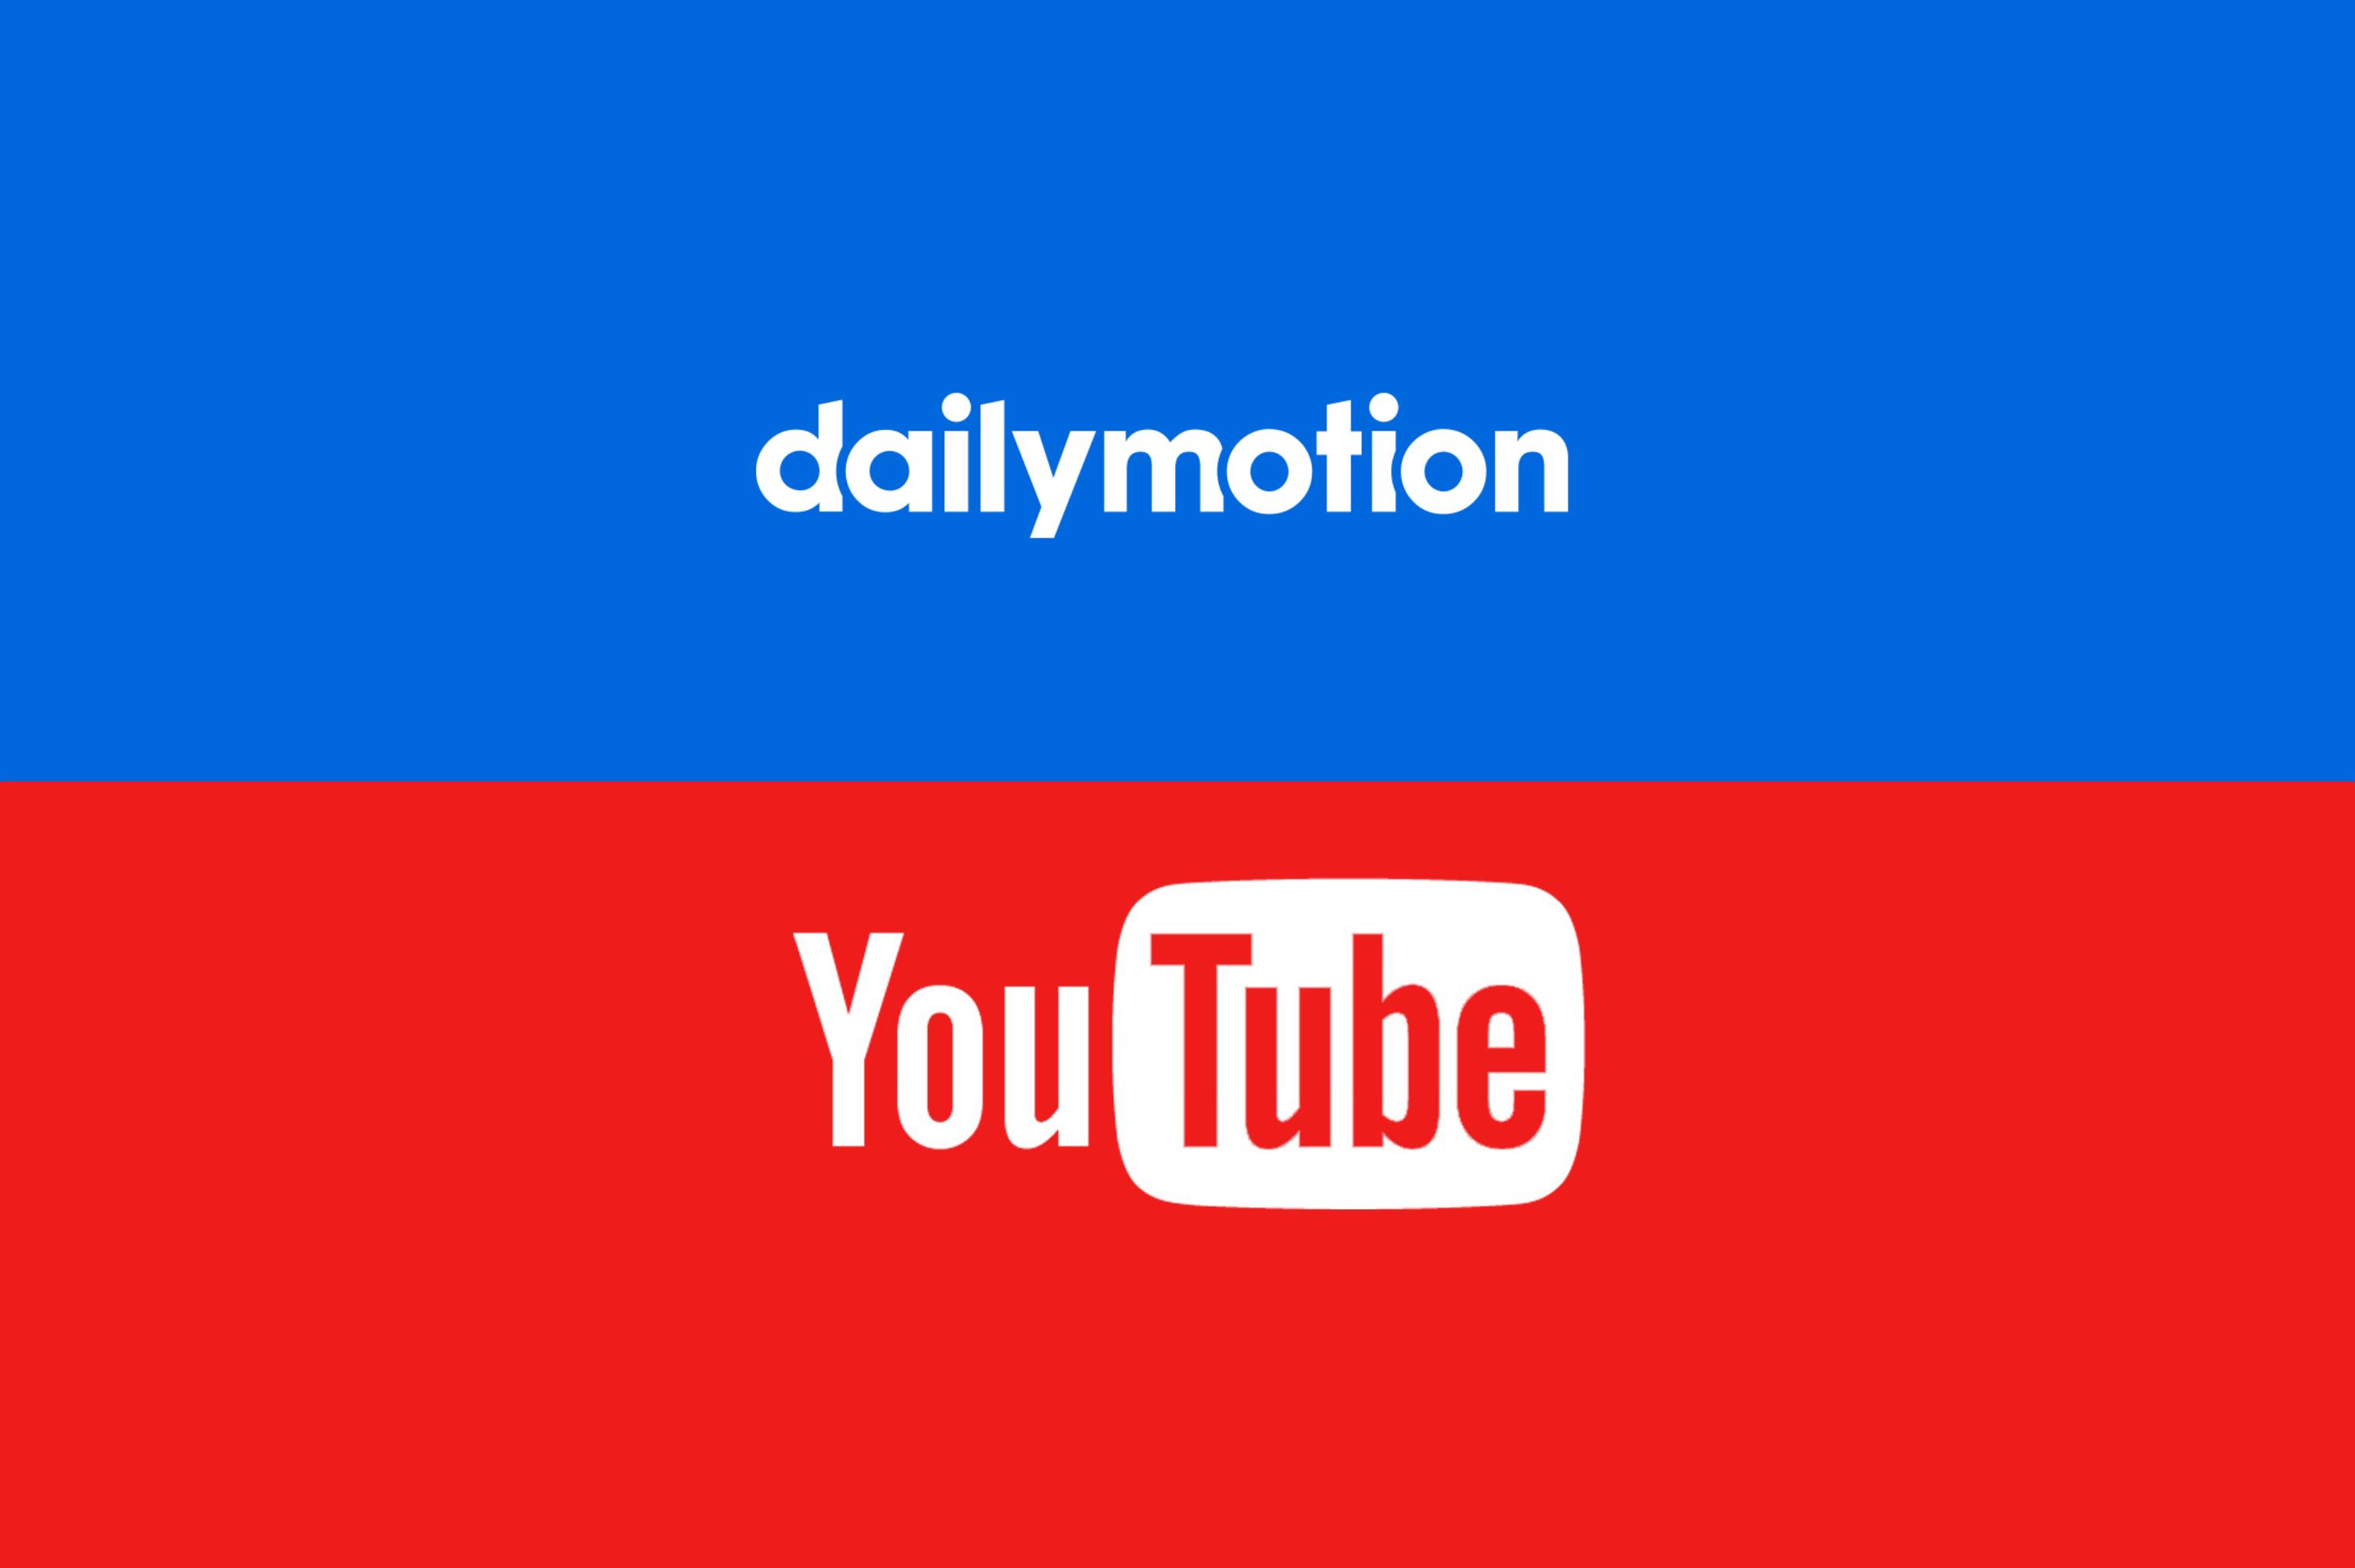 Dailymotion(デイリーモーション) YouTube(ユーチューブ) 違い